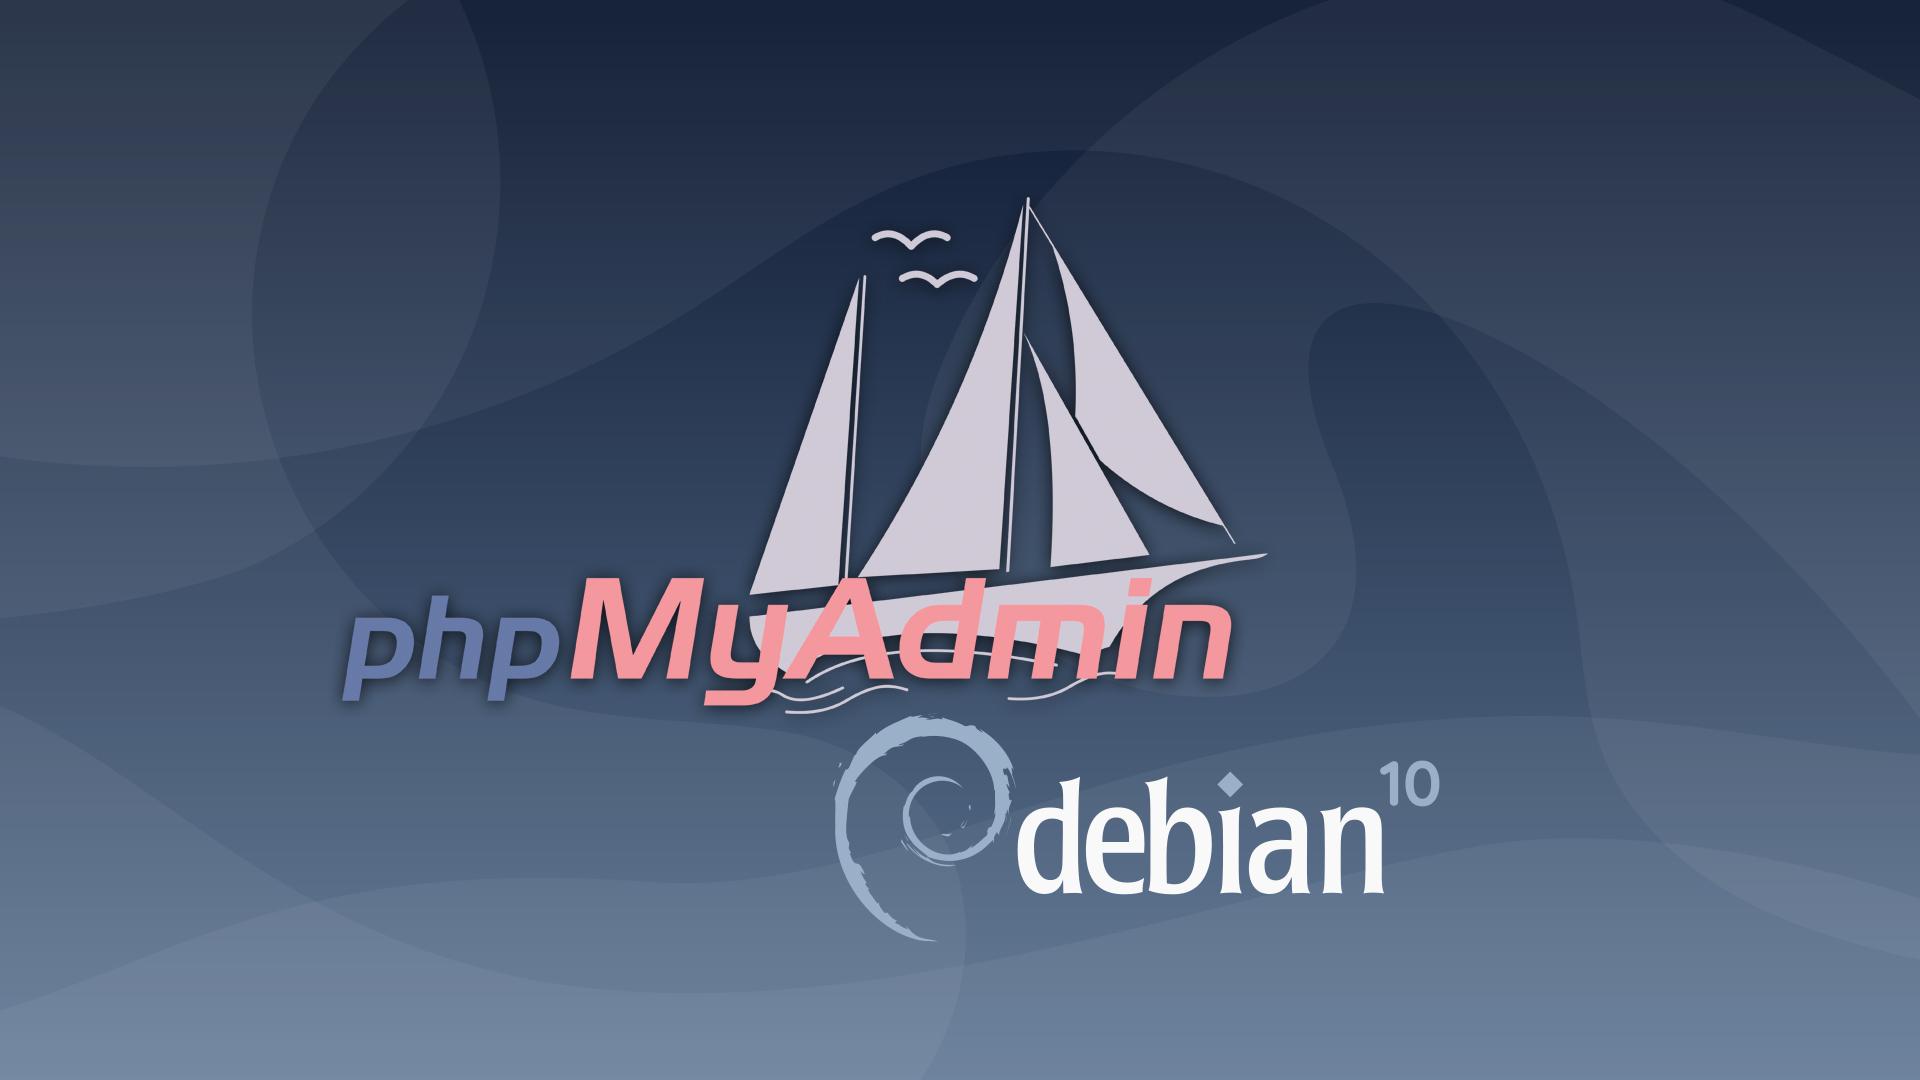 phpMyAdmin on Debian 10